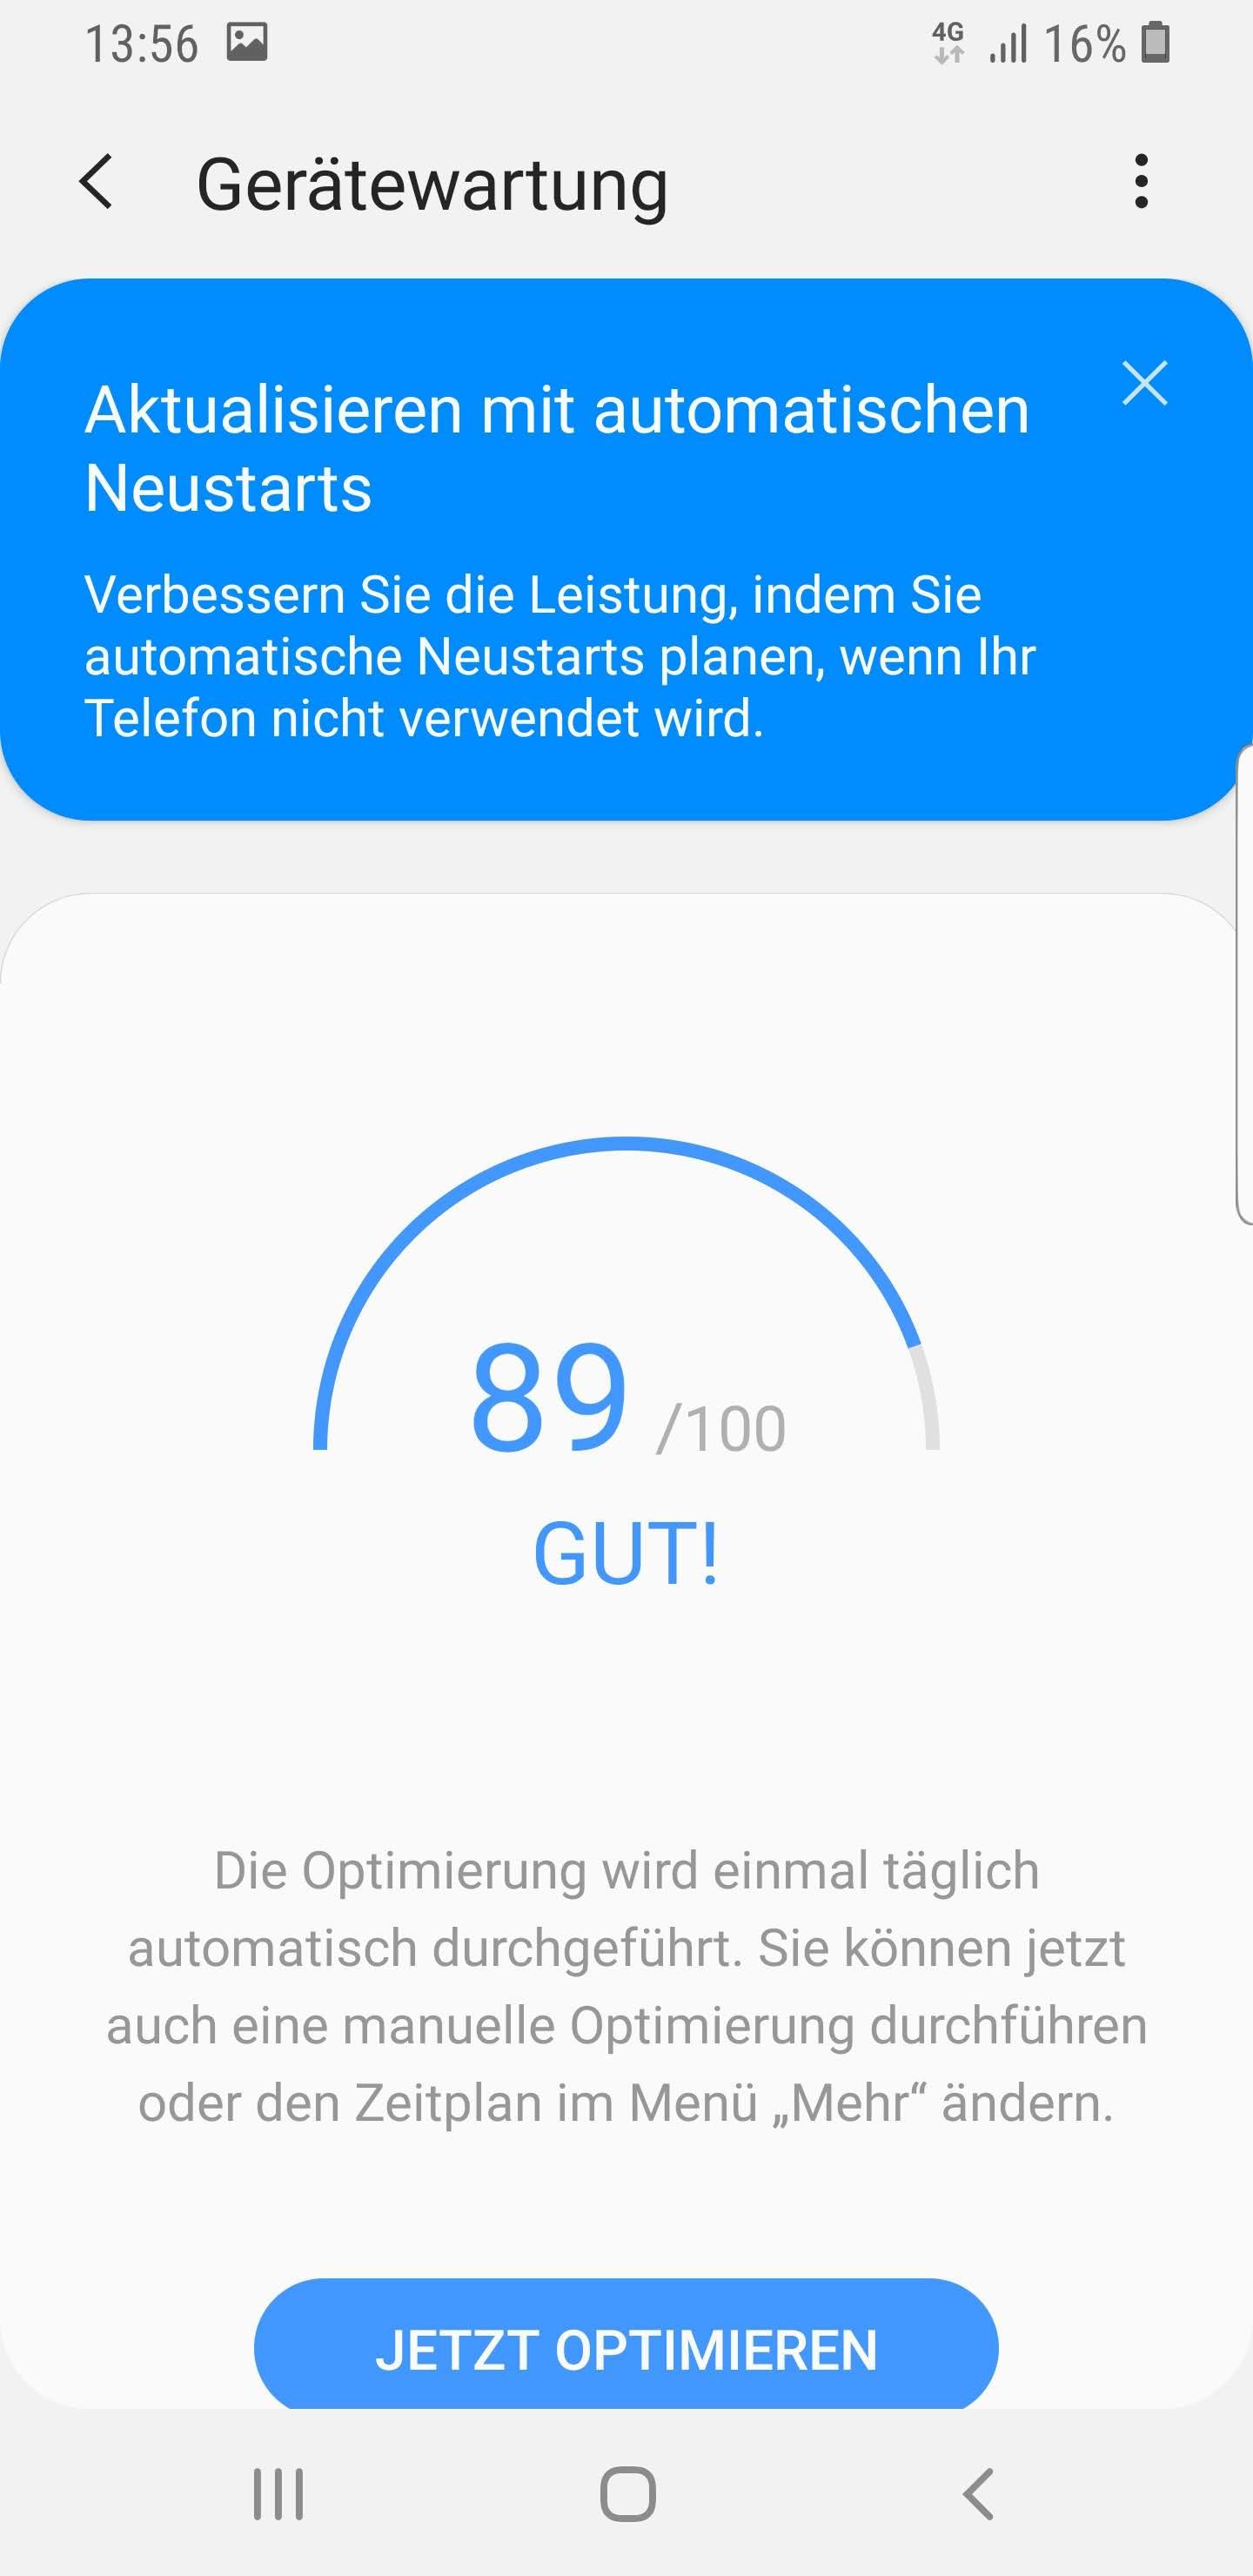 Galaxy S9 Android 9 One UI Beta gestartet: so schön sah eine Samsung UI noch nie aus 7